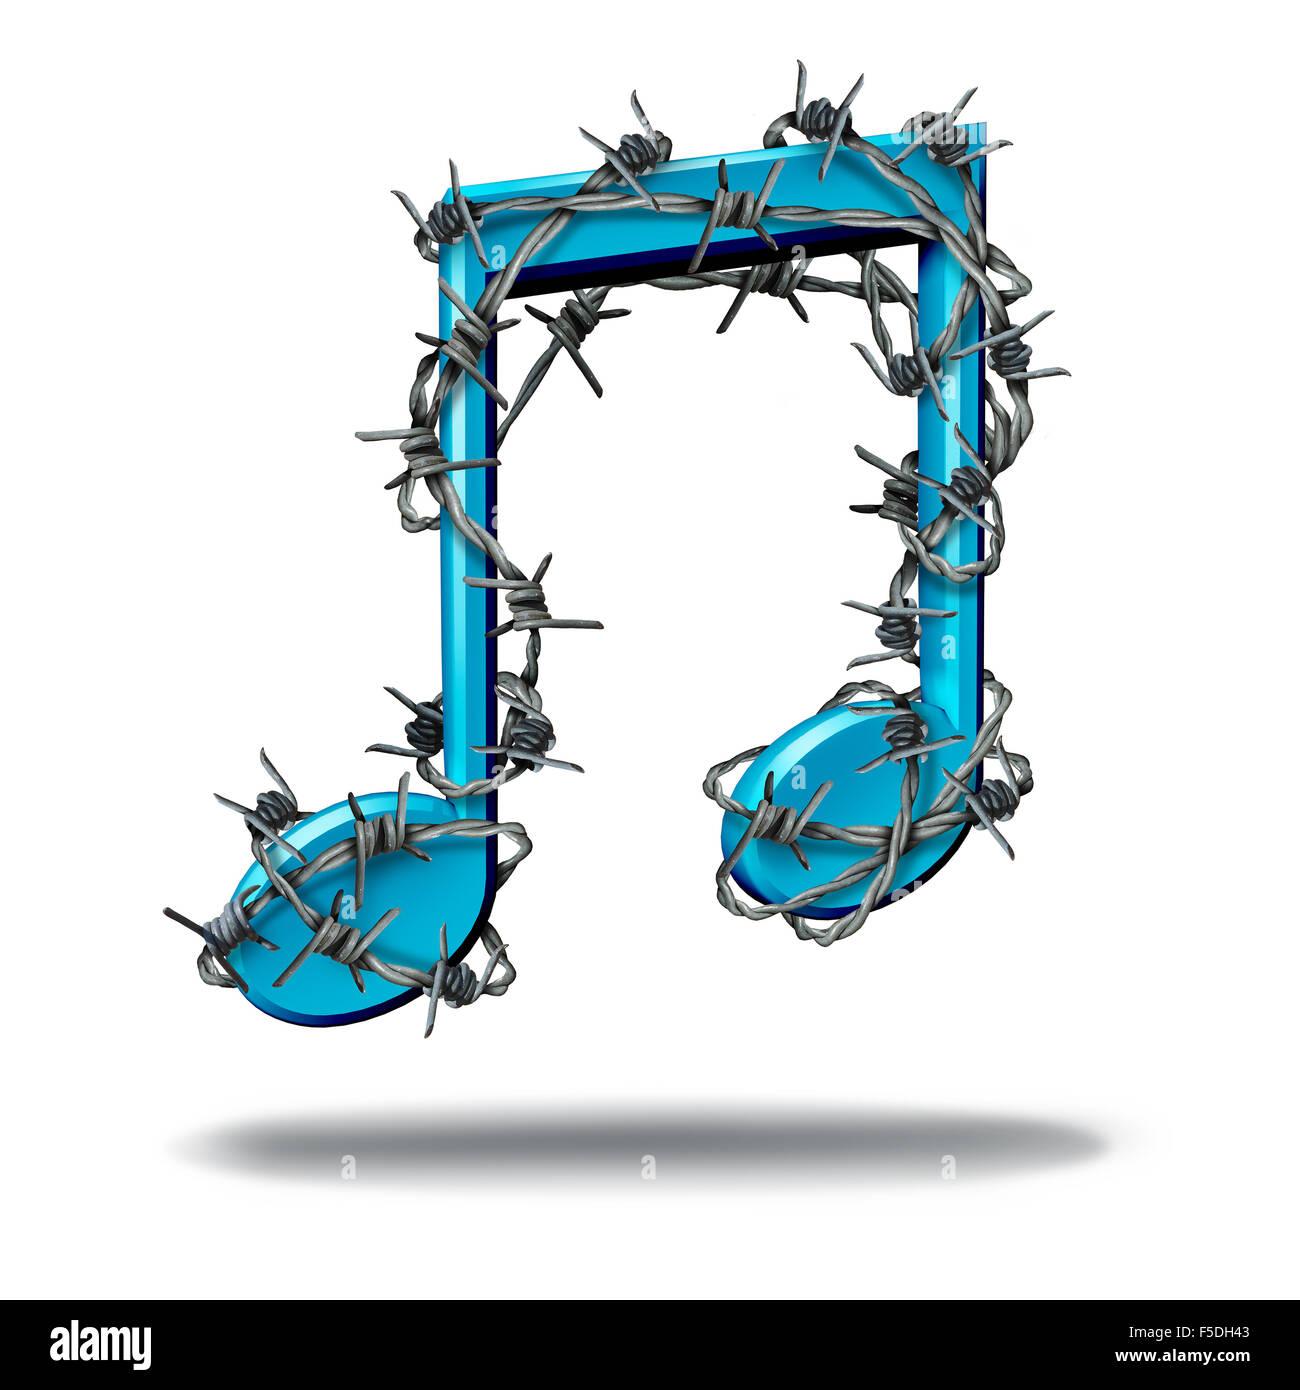 Musica il concetto di restrizione come una nota musicale avvolto con sharp barb o filo spinato come una metafora Immagini Stock